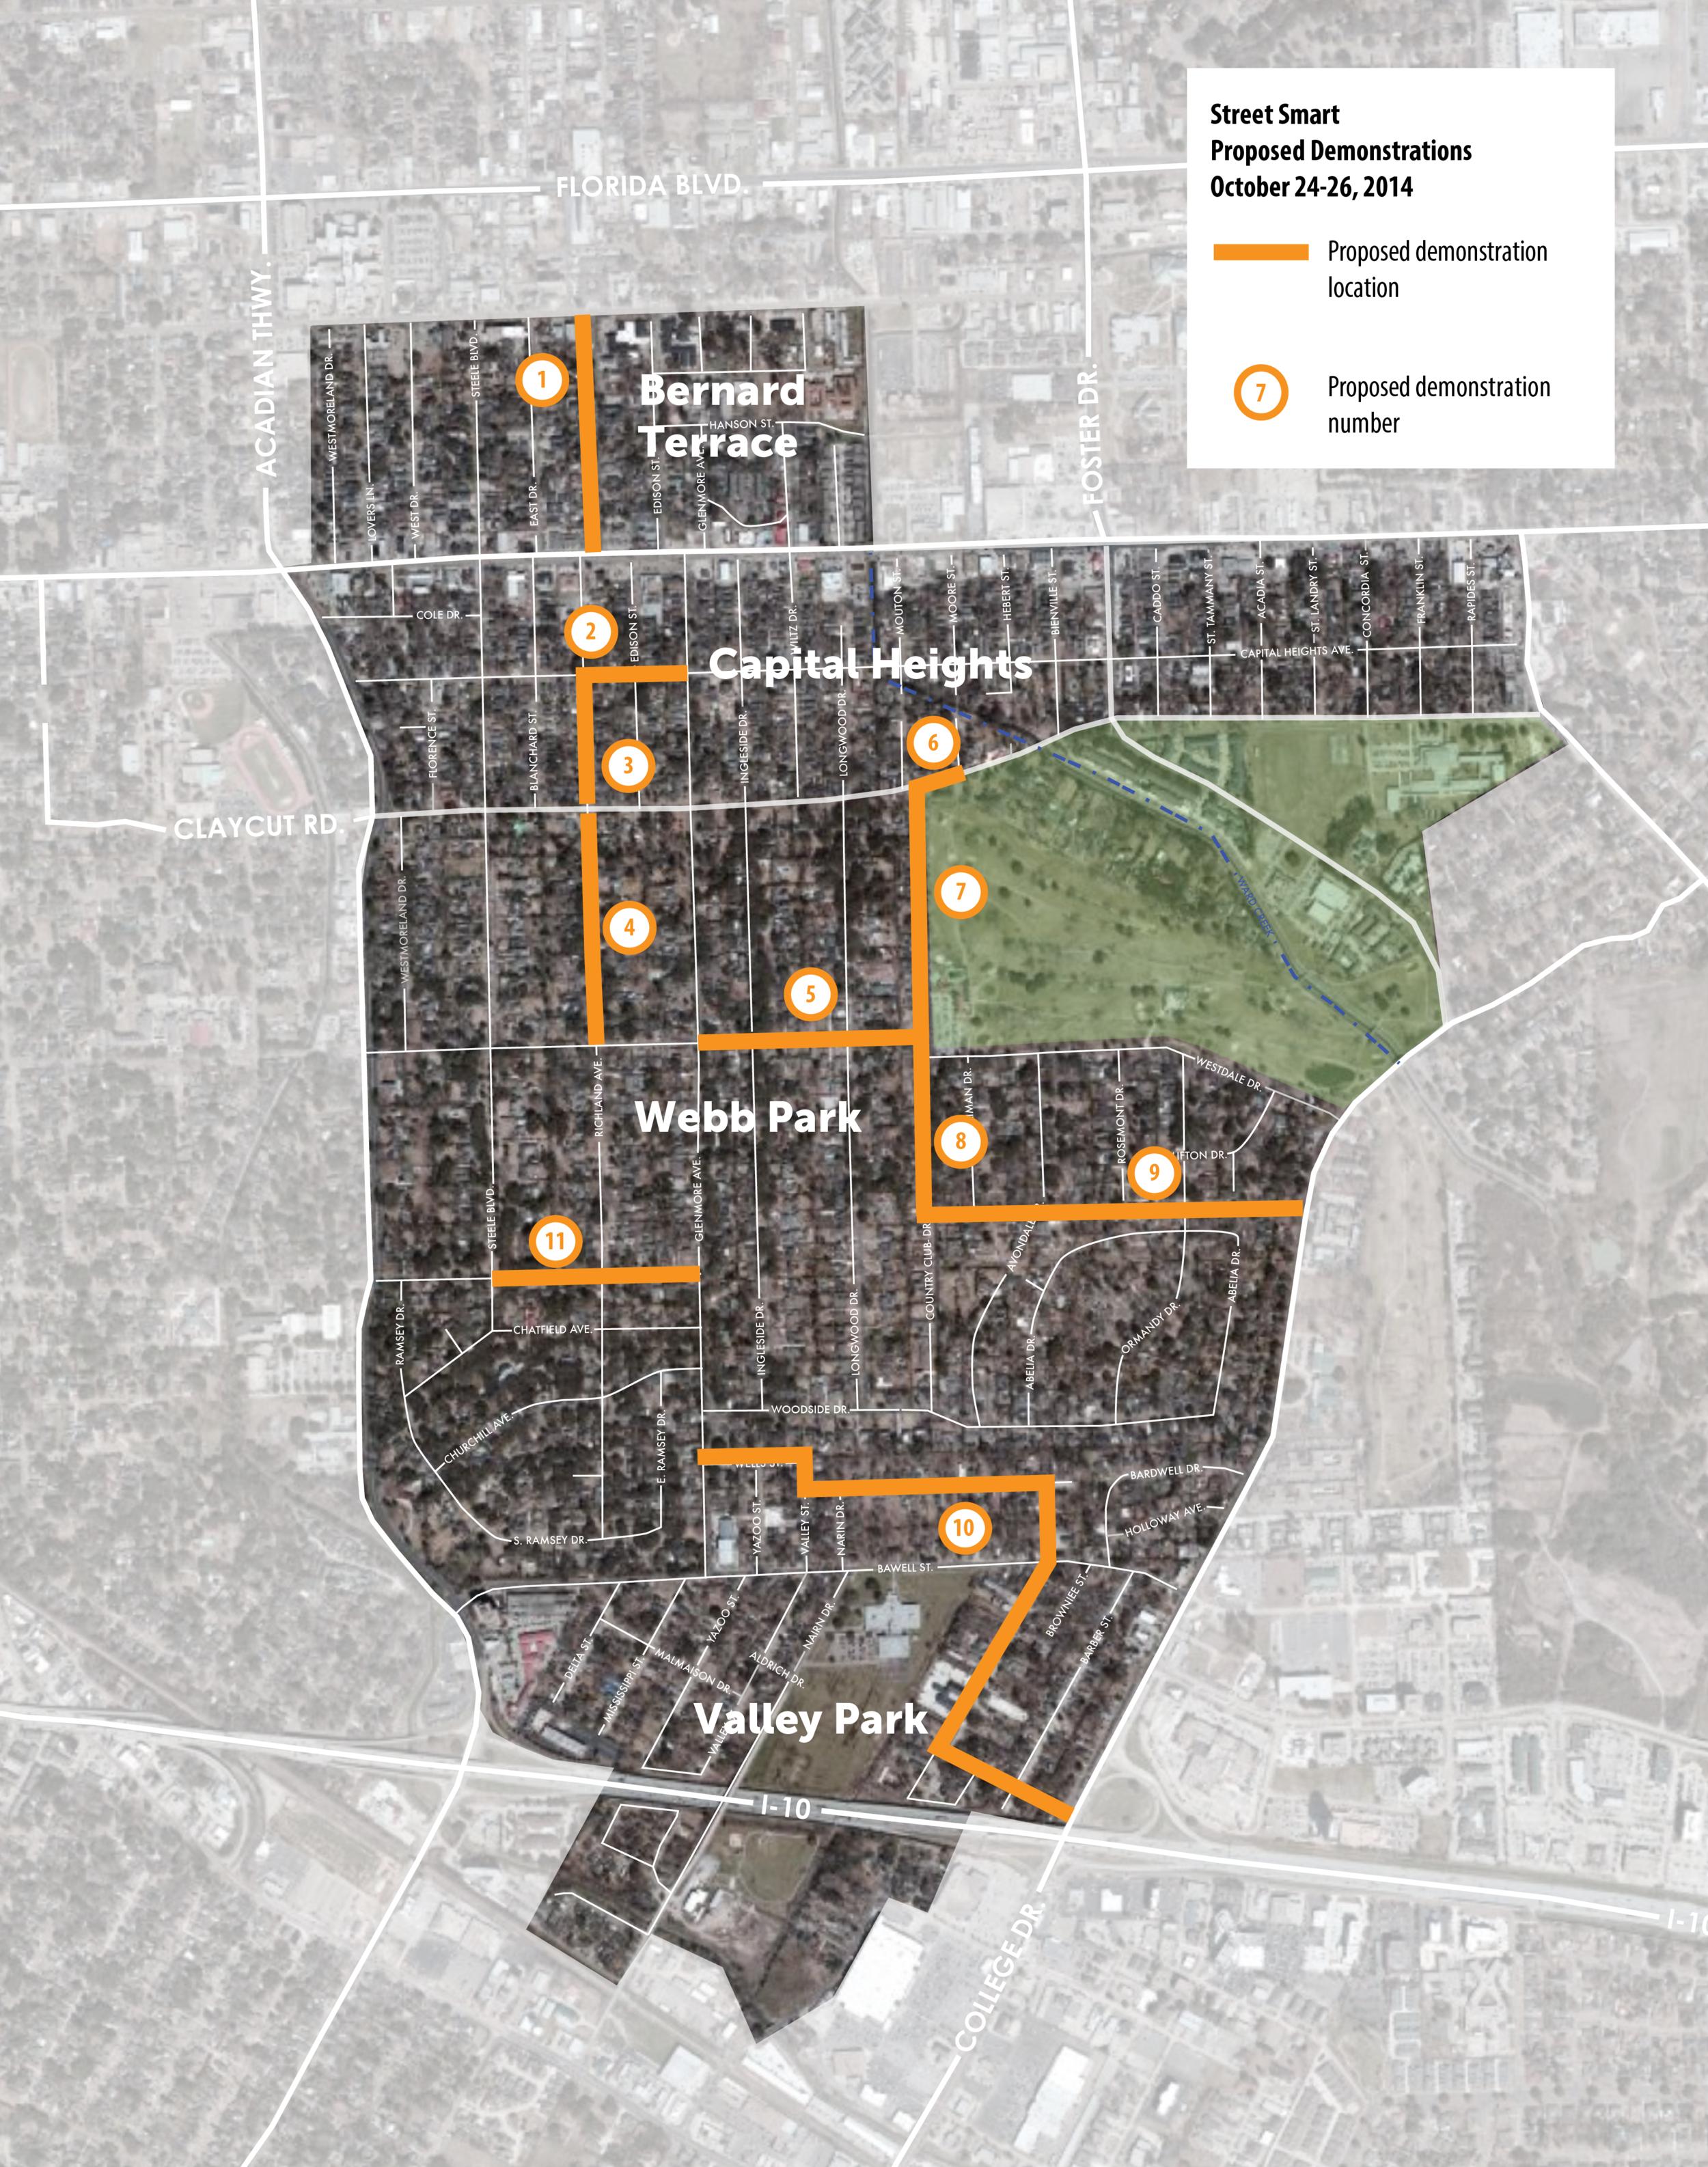 streetsmart_map.png